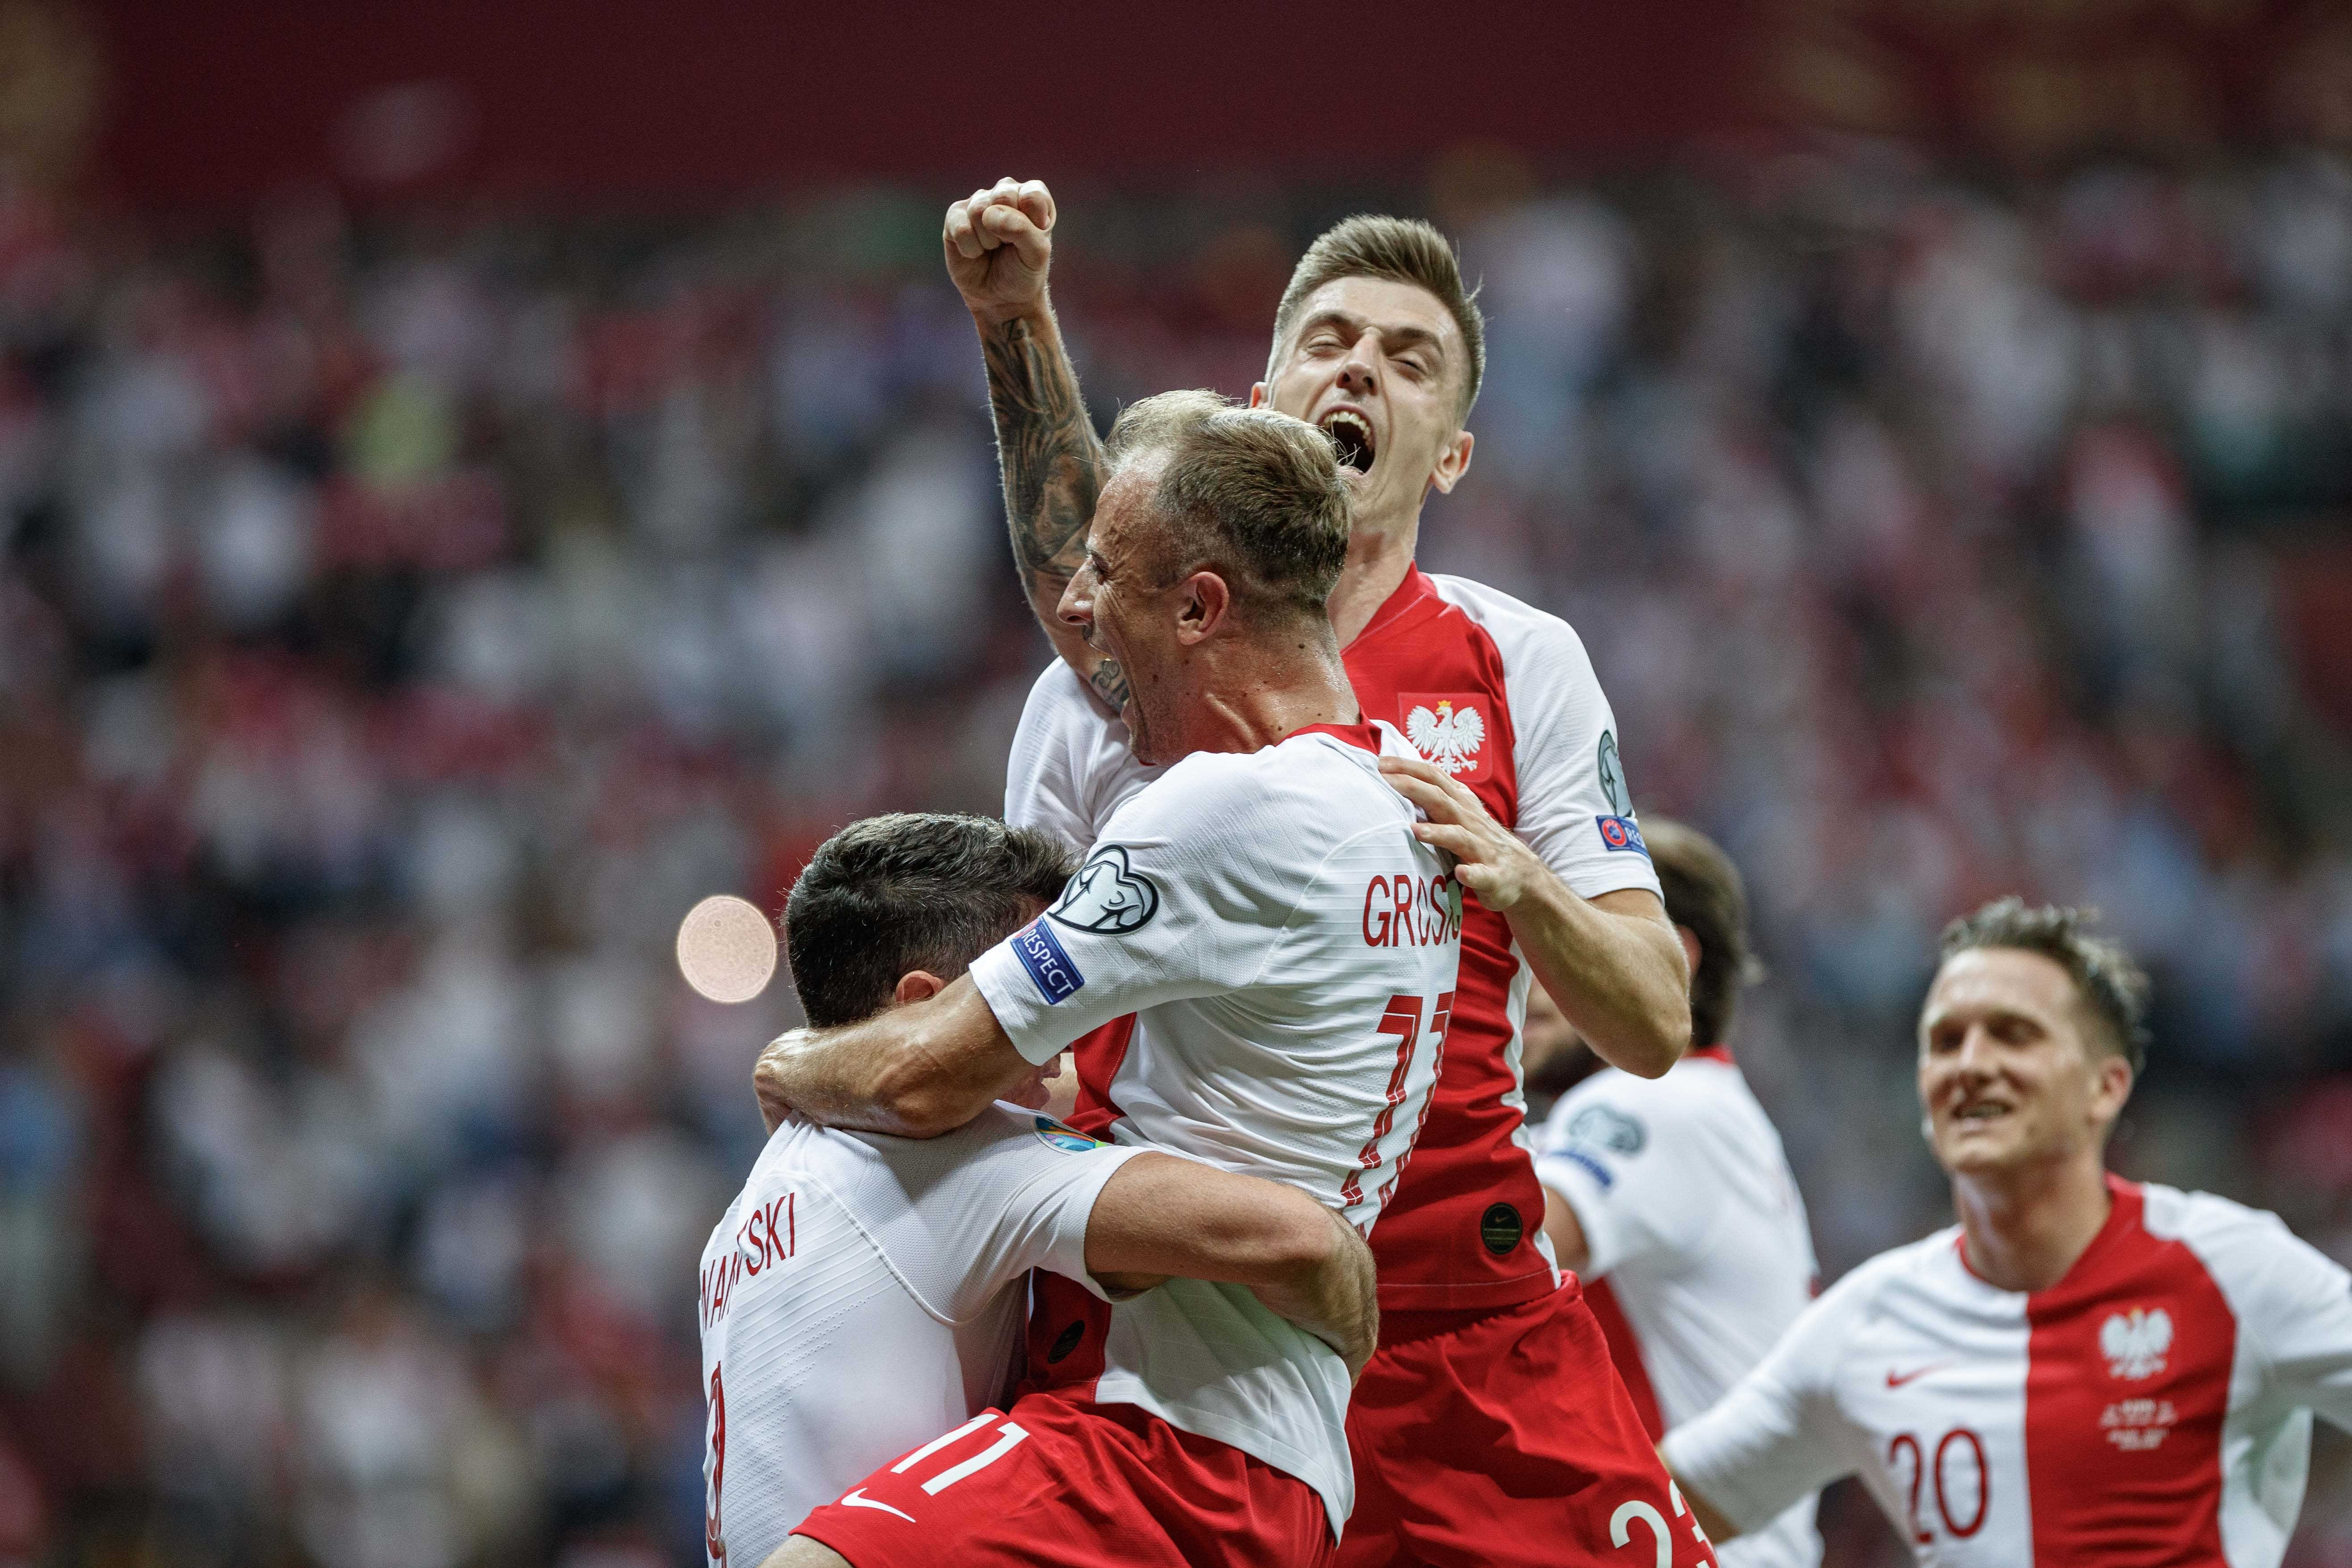 Jest wynik, jest styl. Polska pewnie pokonała Izrael 4:0!